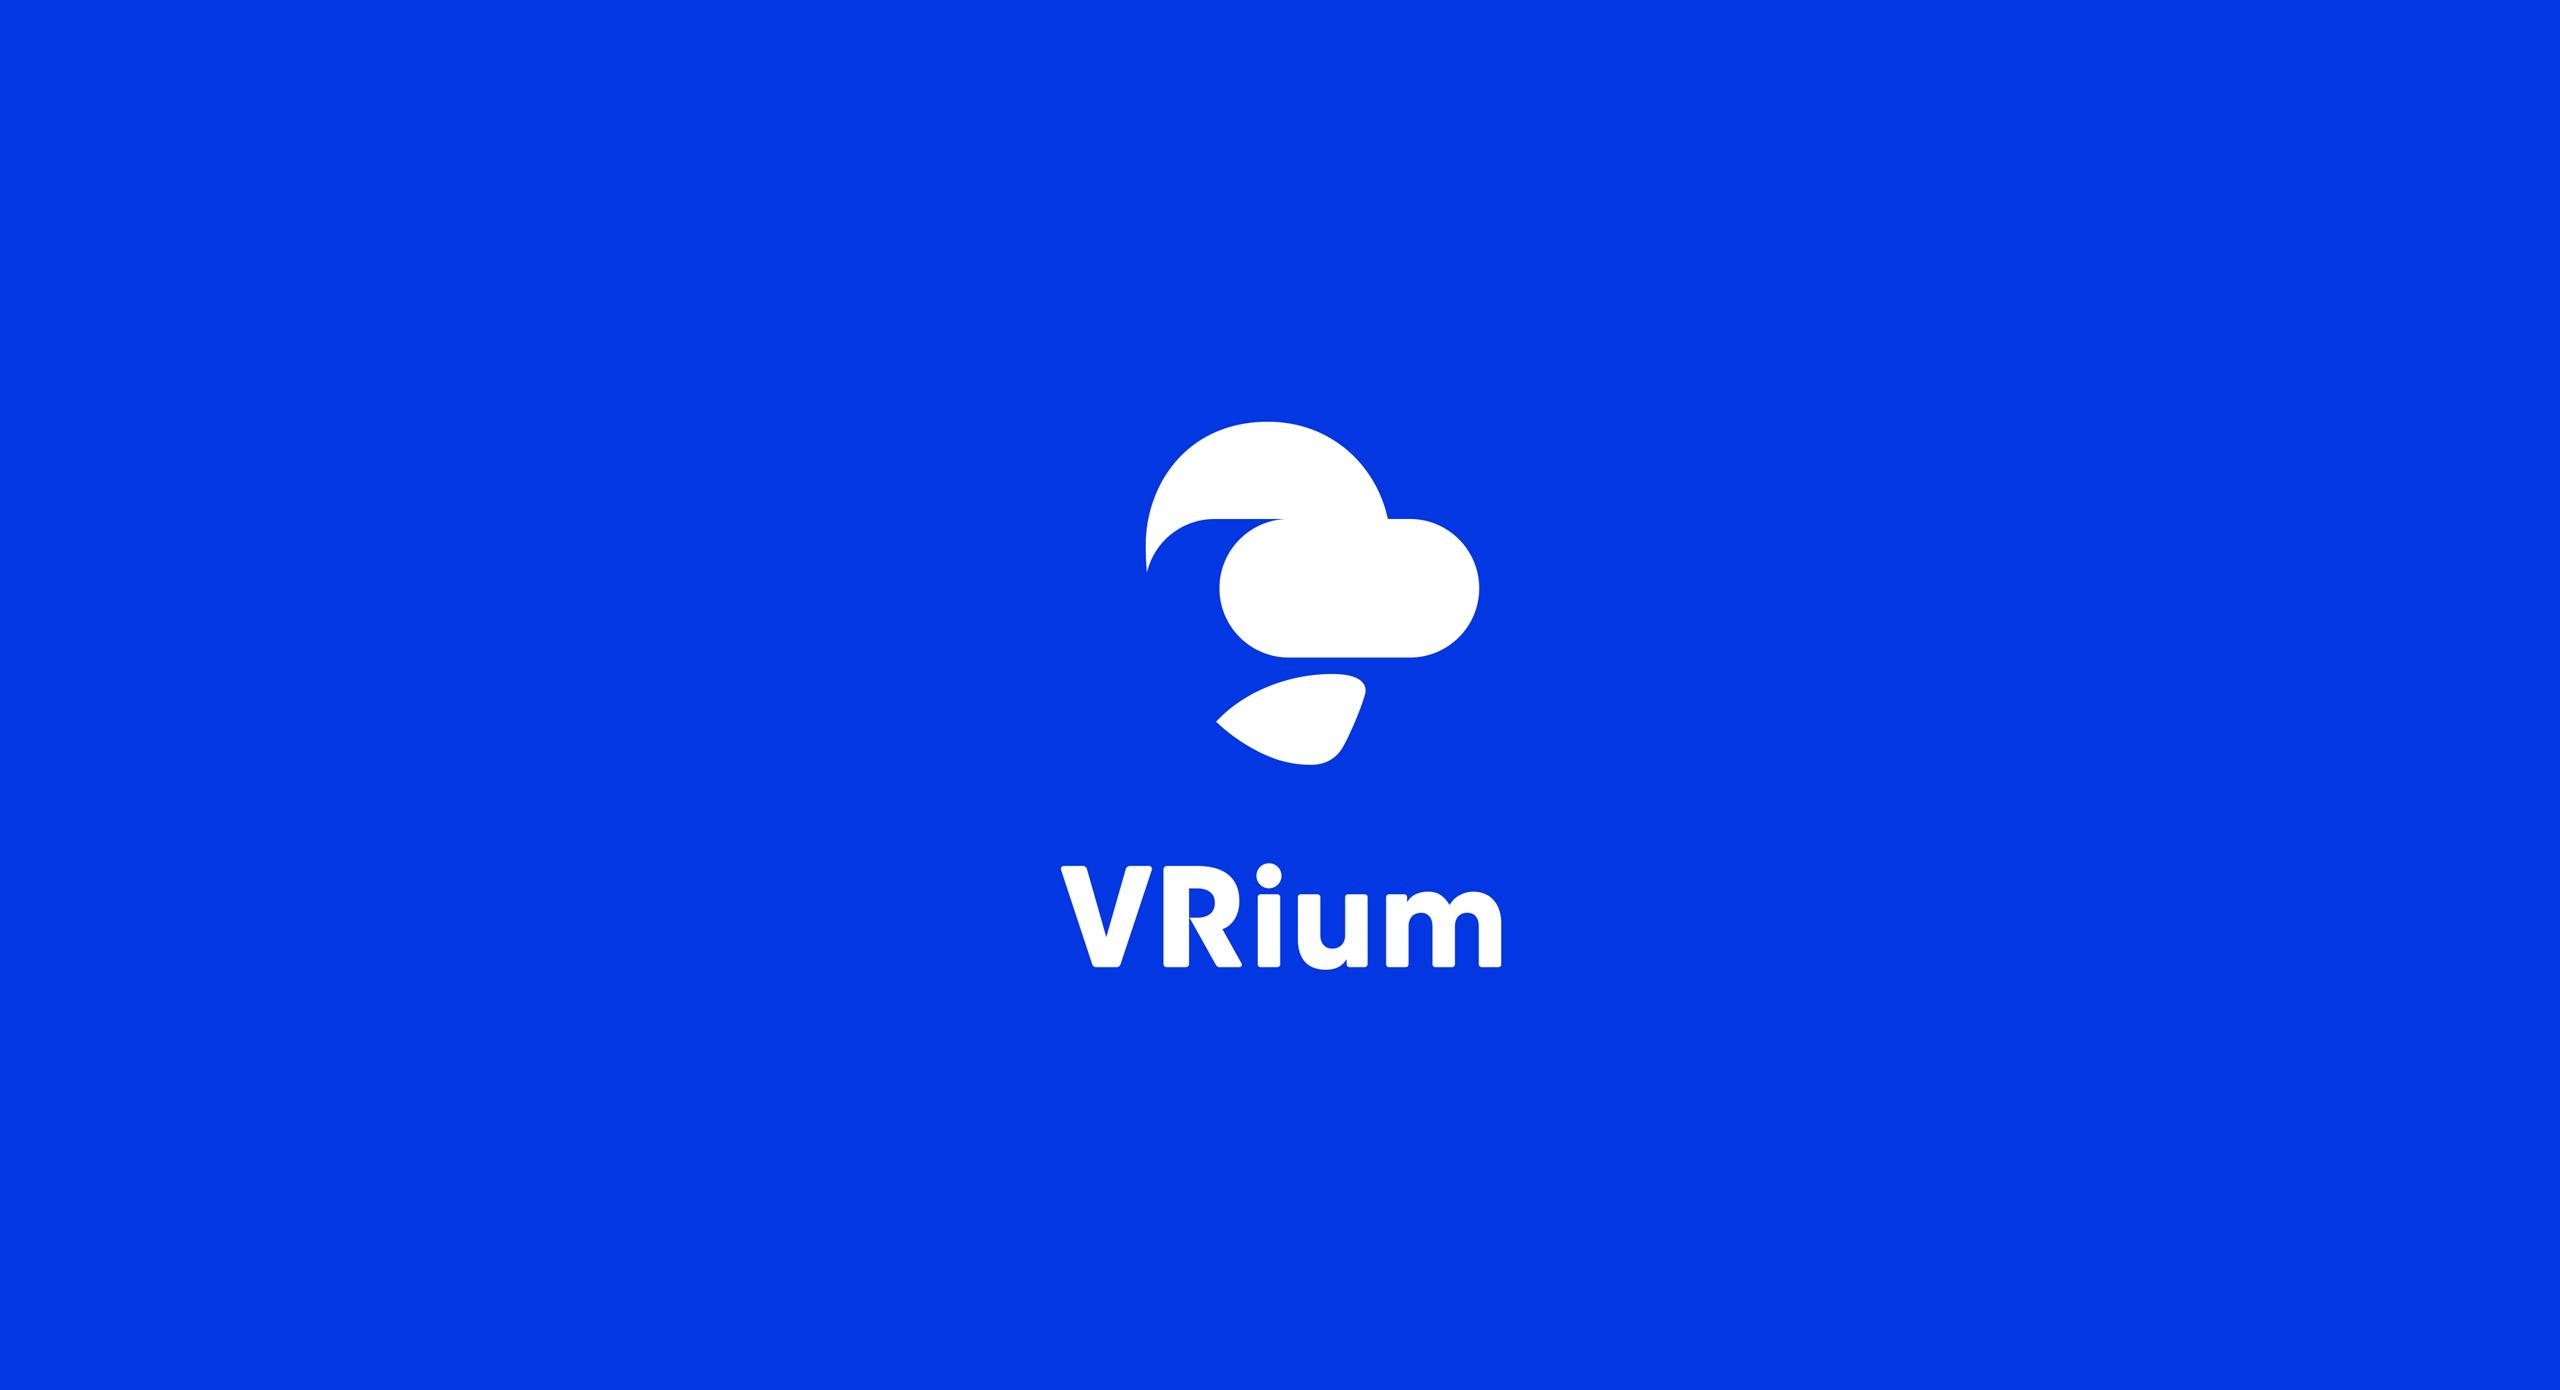 VRium_Logo_w2560_quality85_02